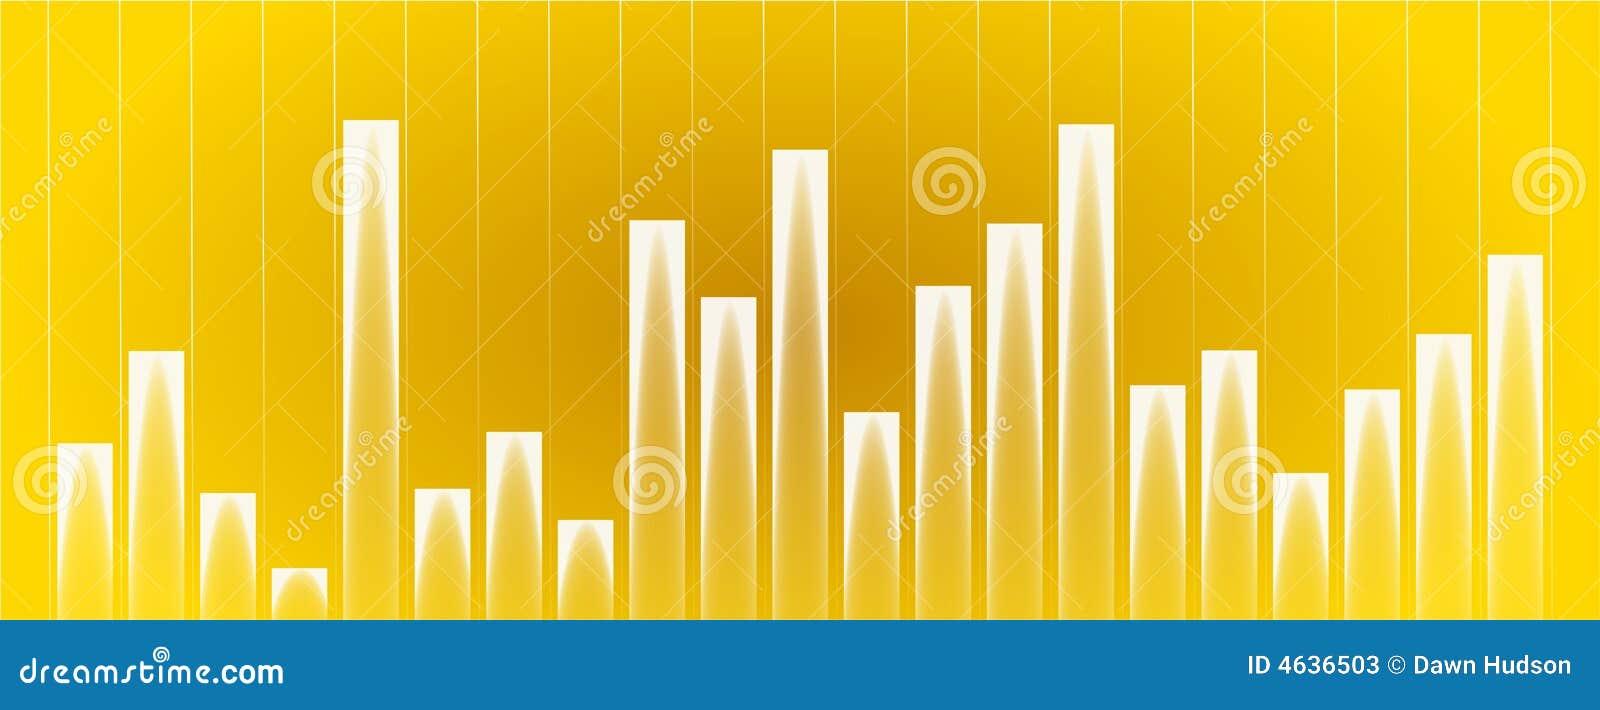 Fundo do gráfico